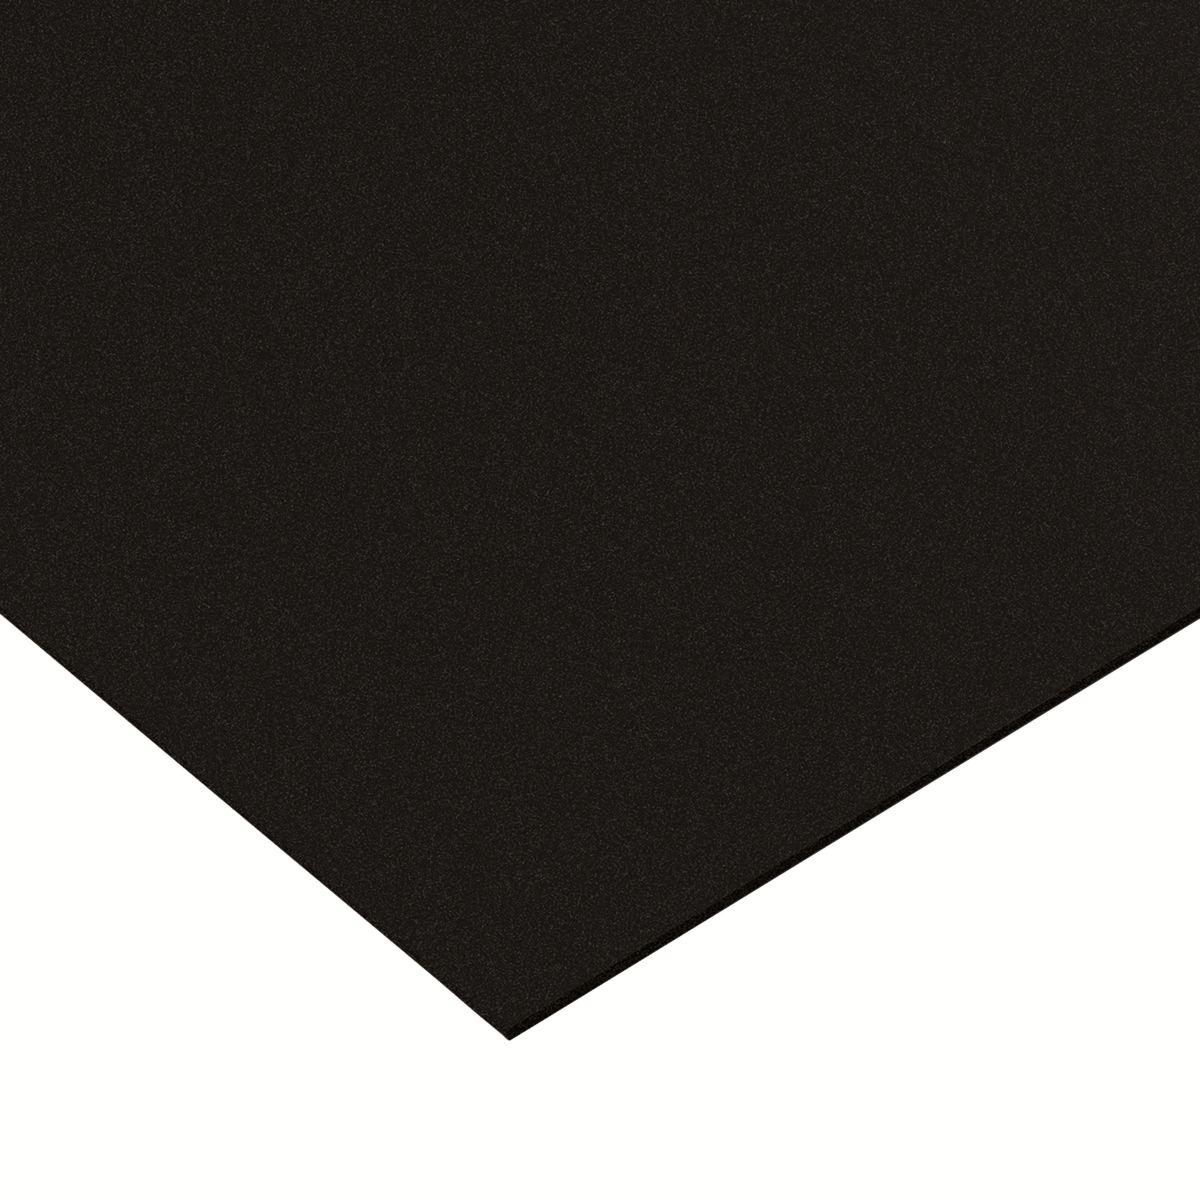 Lastra polipropilene nero 1000 x 500 mm spessore 1 mm for Stendibiancheria leroy merlin